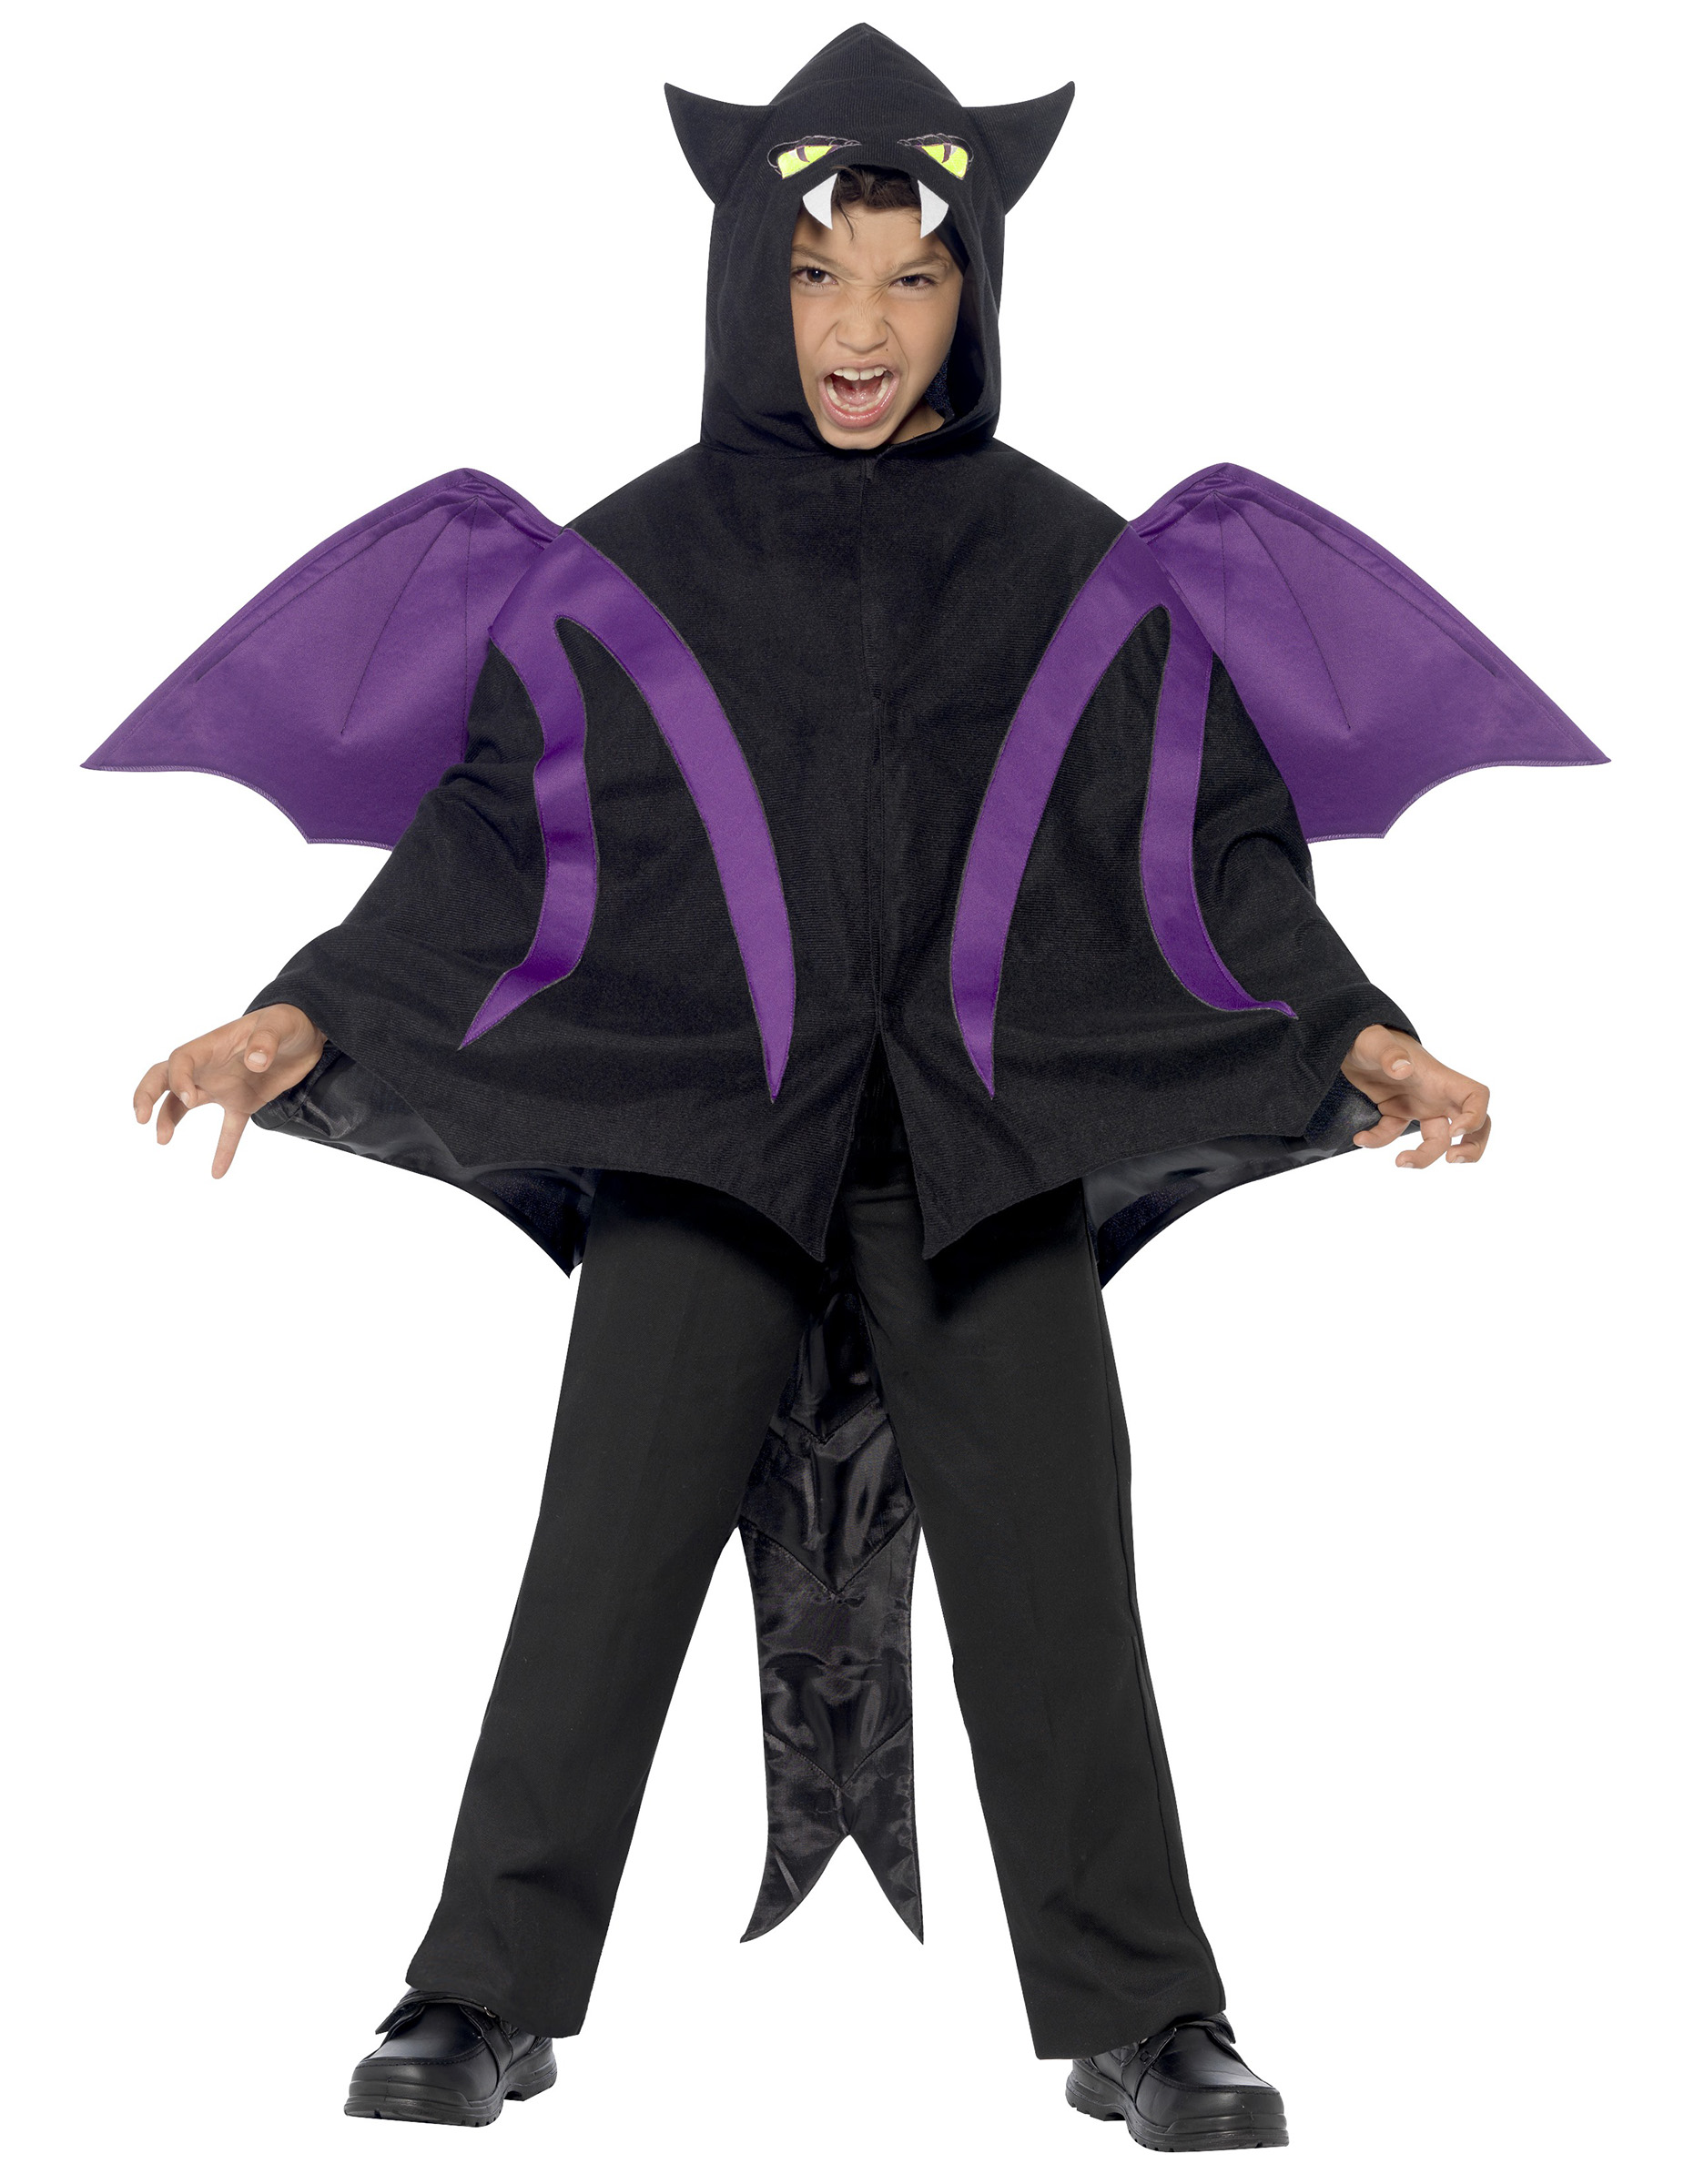 Costume da creatura pipistrello per bimbo su VegaooParty 8deb4ac87f0b